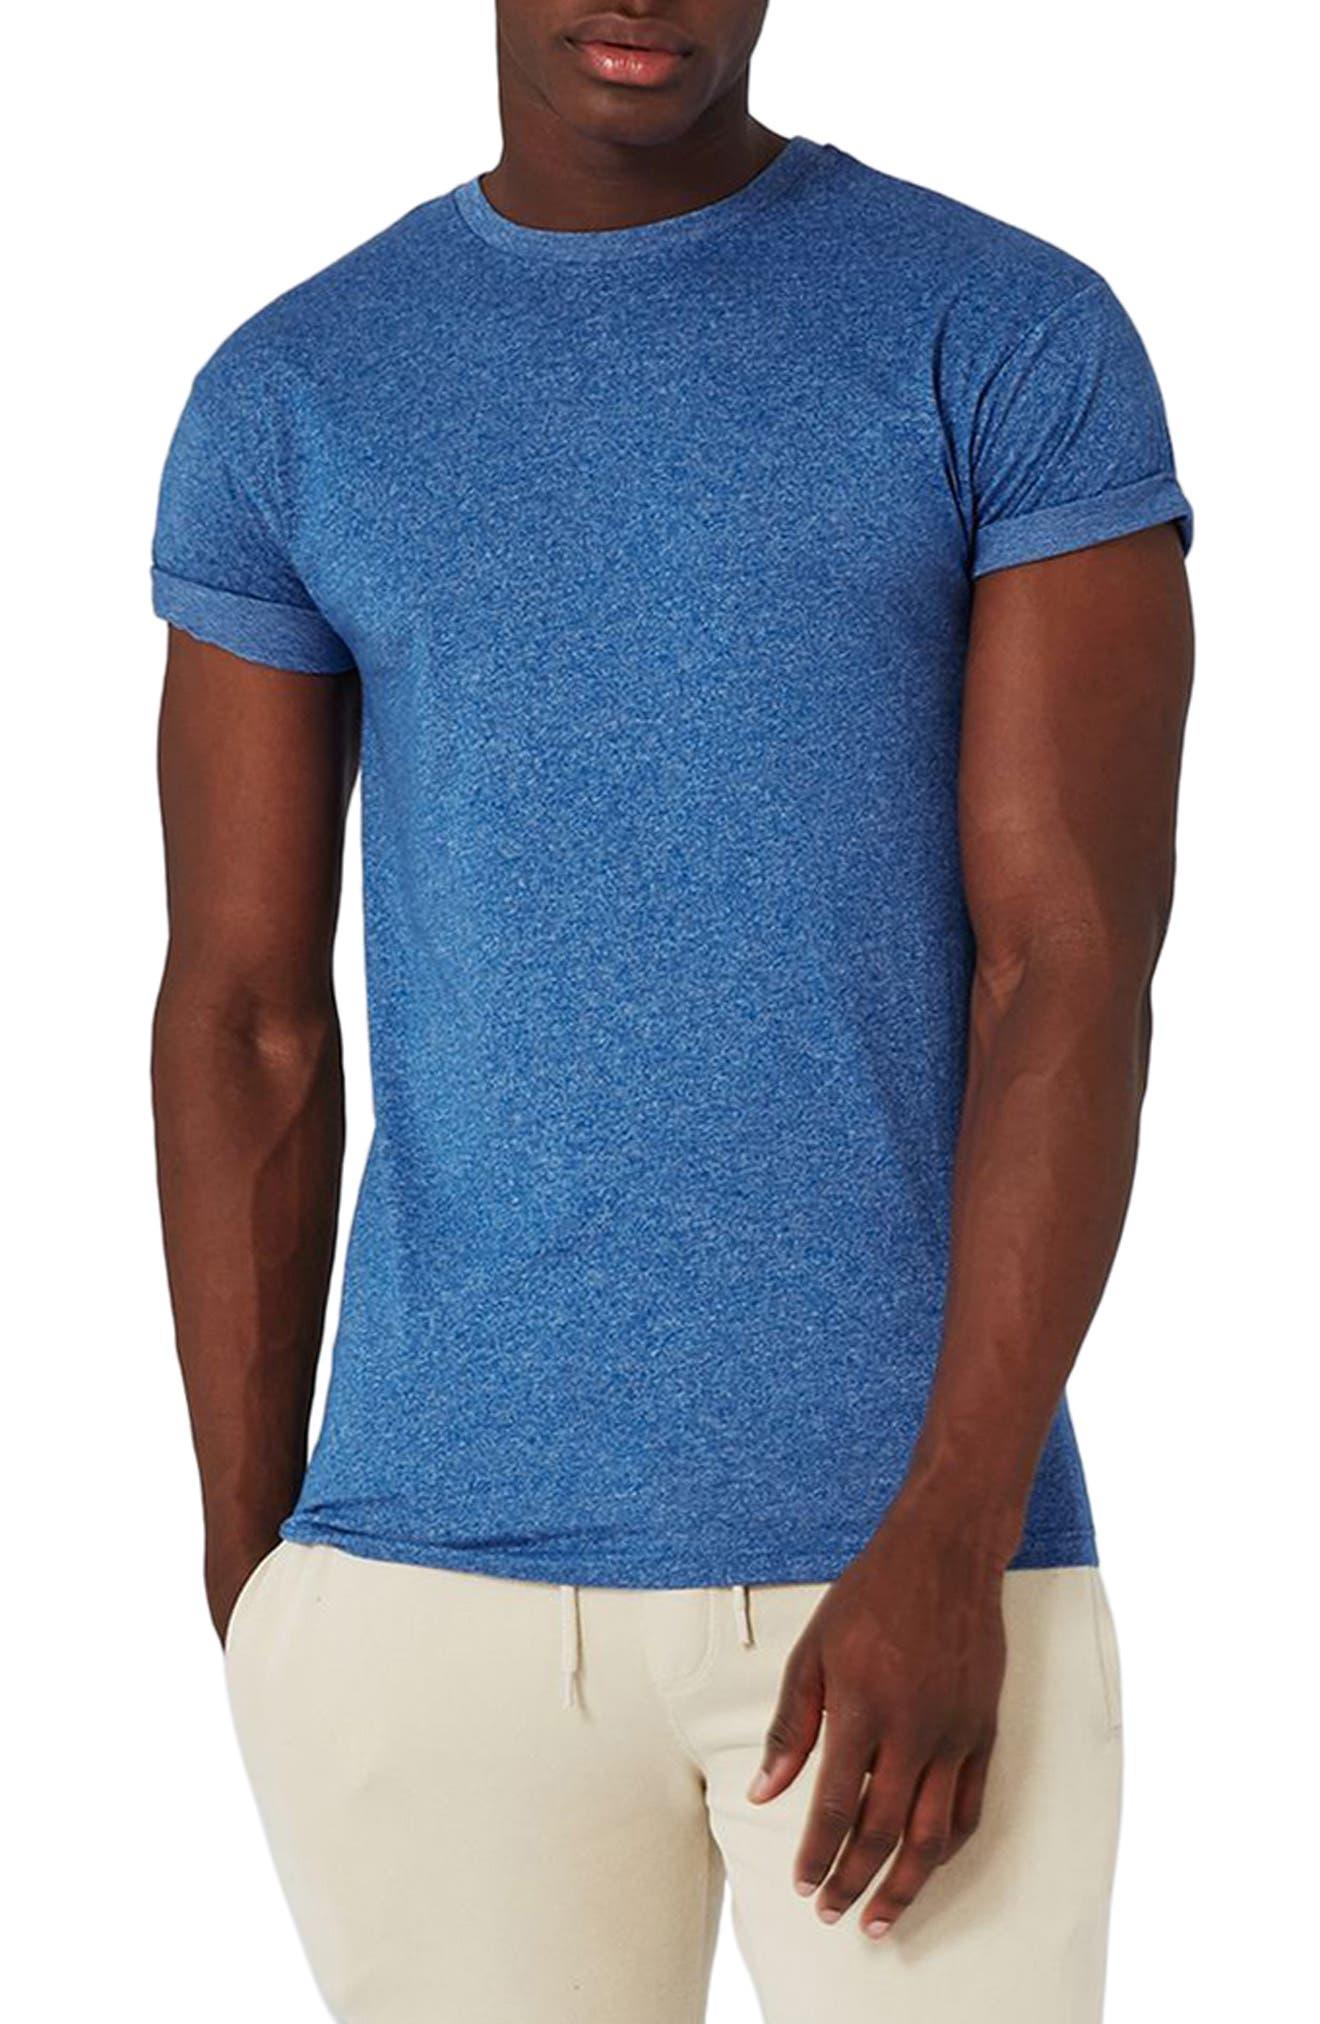 Topman Mr. Muscle Roller T-Shirt